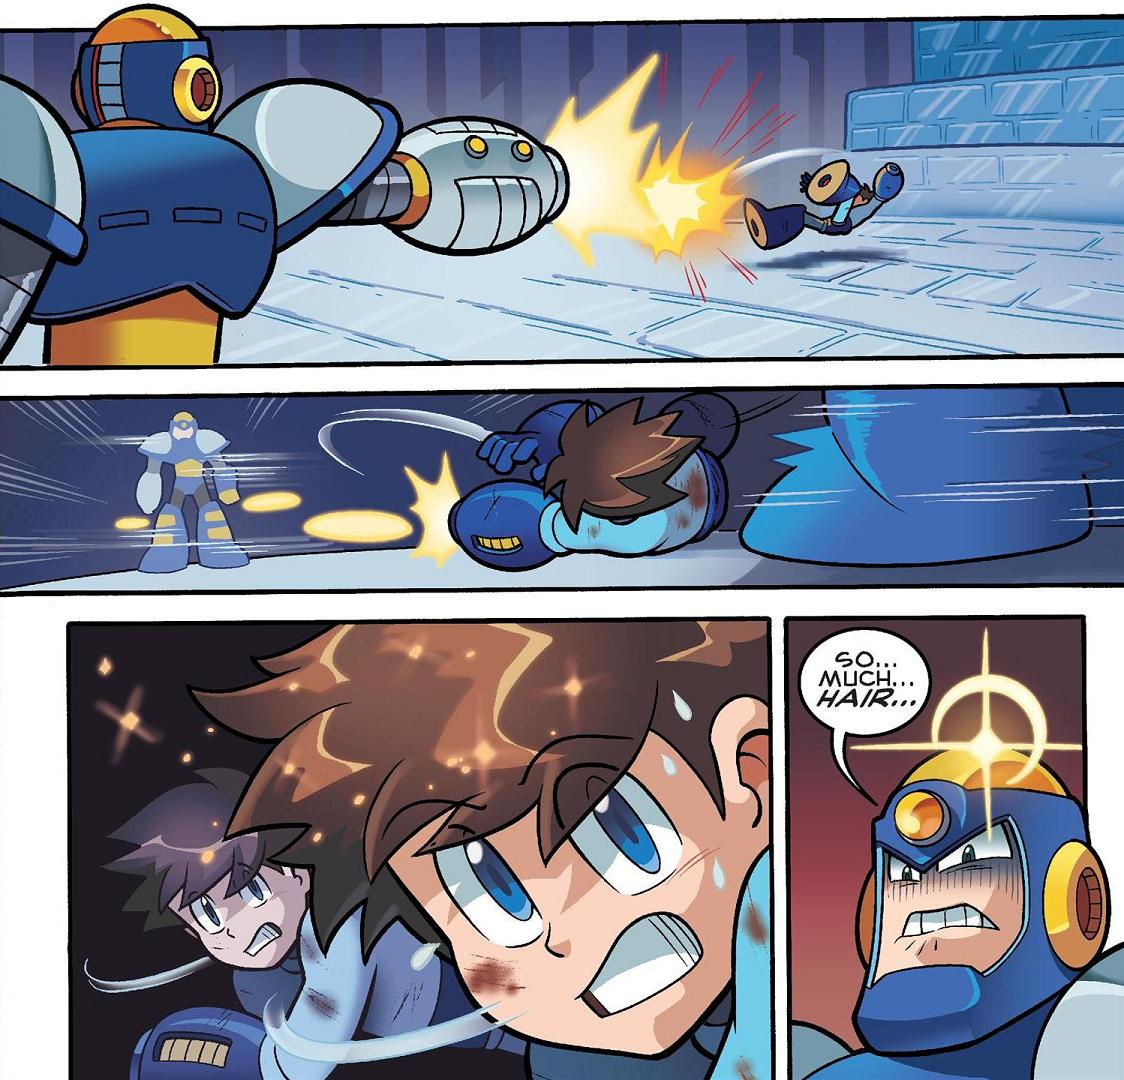 SASHA: Mega man comic strip